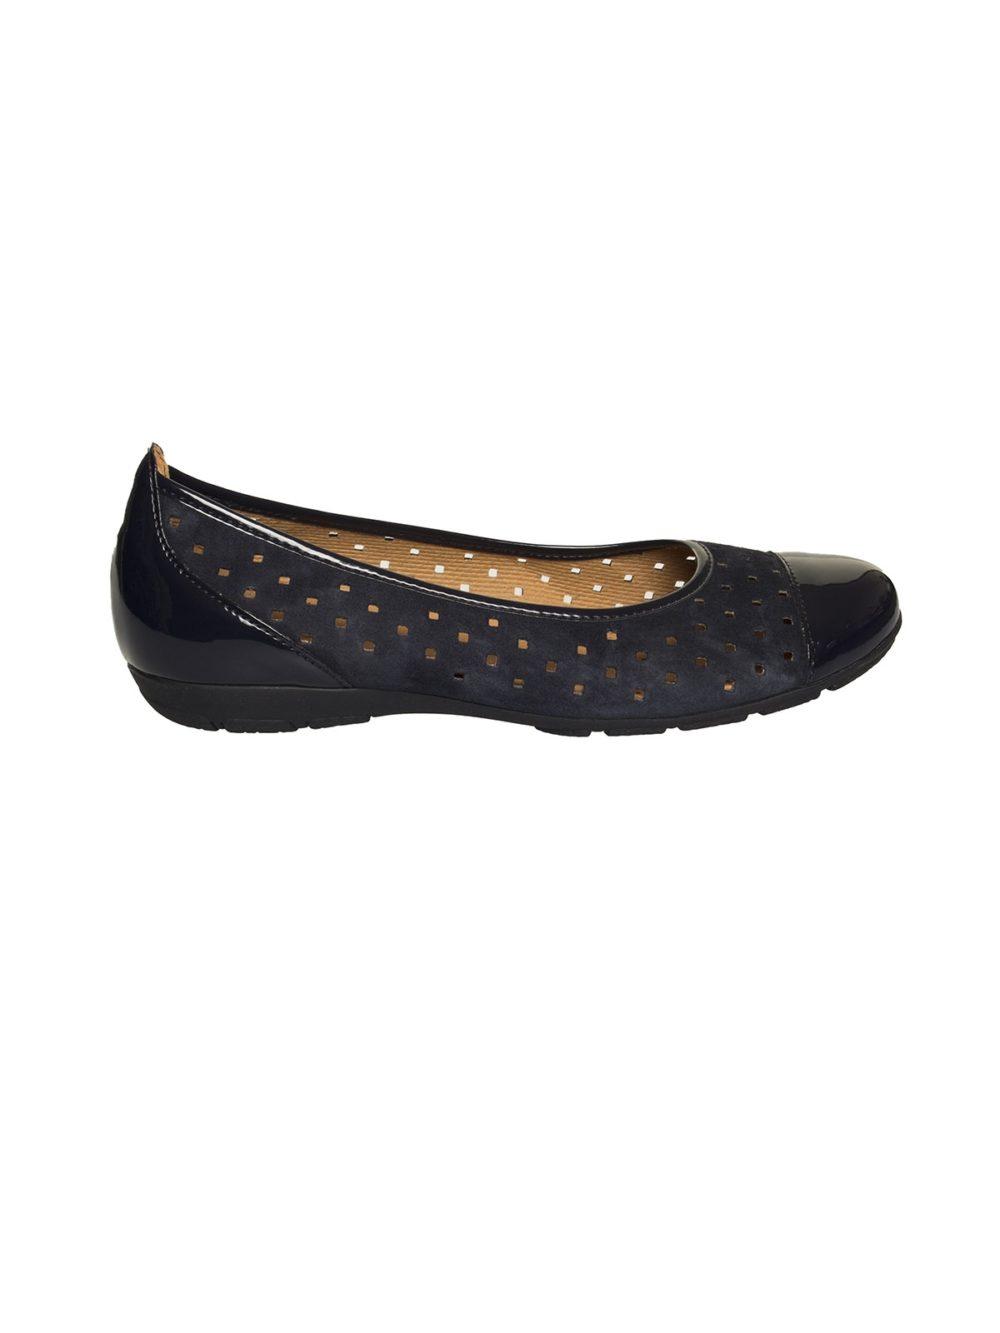 Ruffle Shoe Gabor Katie Kerr Women's Shoes